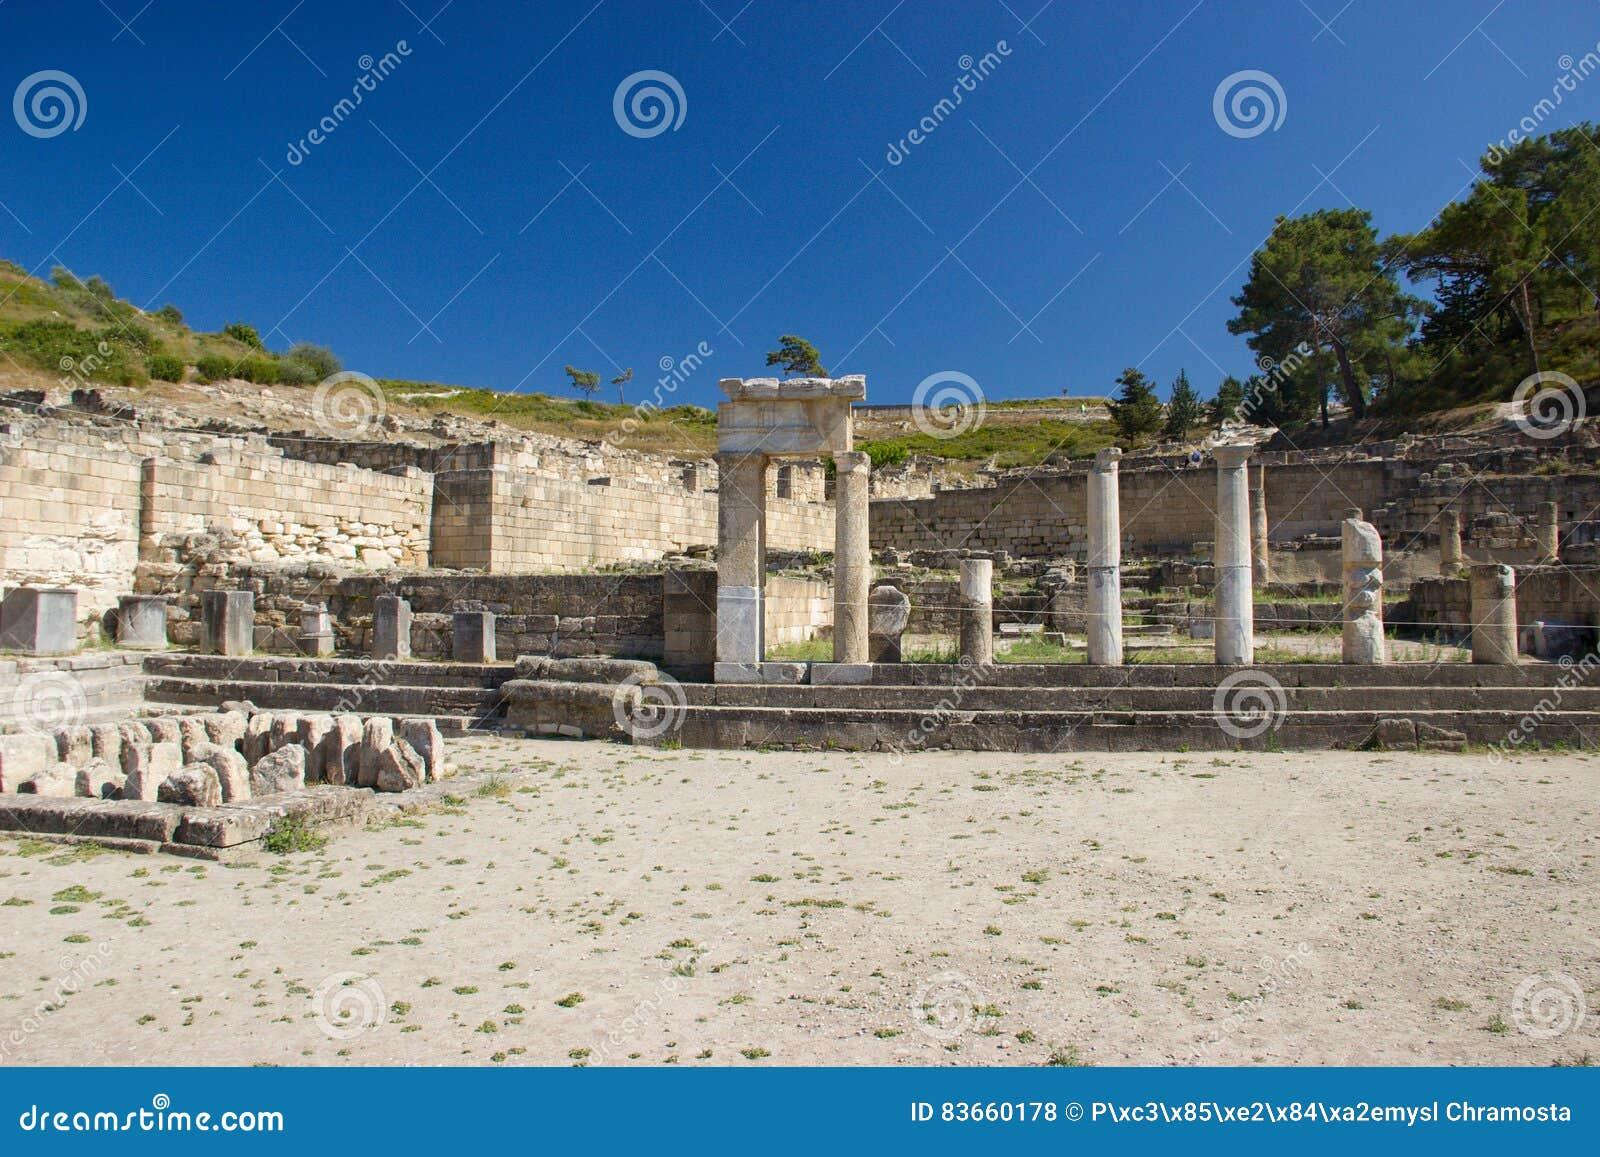 Αρχαία αρχιτεκτονική Kamiros Rhodos Ελλάδα ιστορική